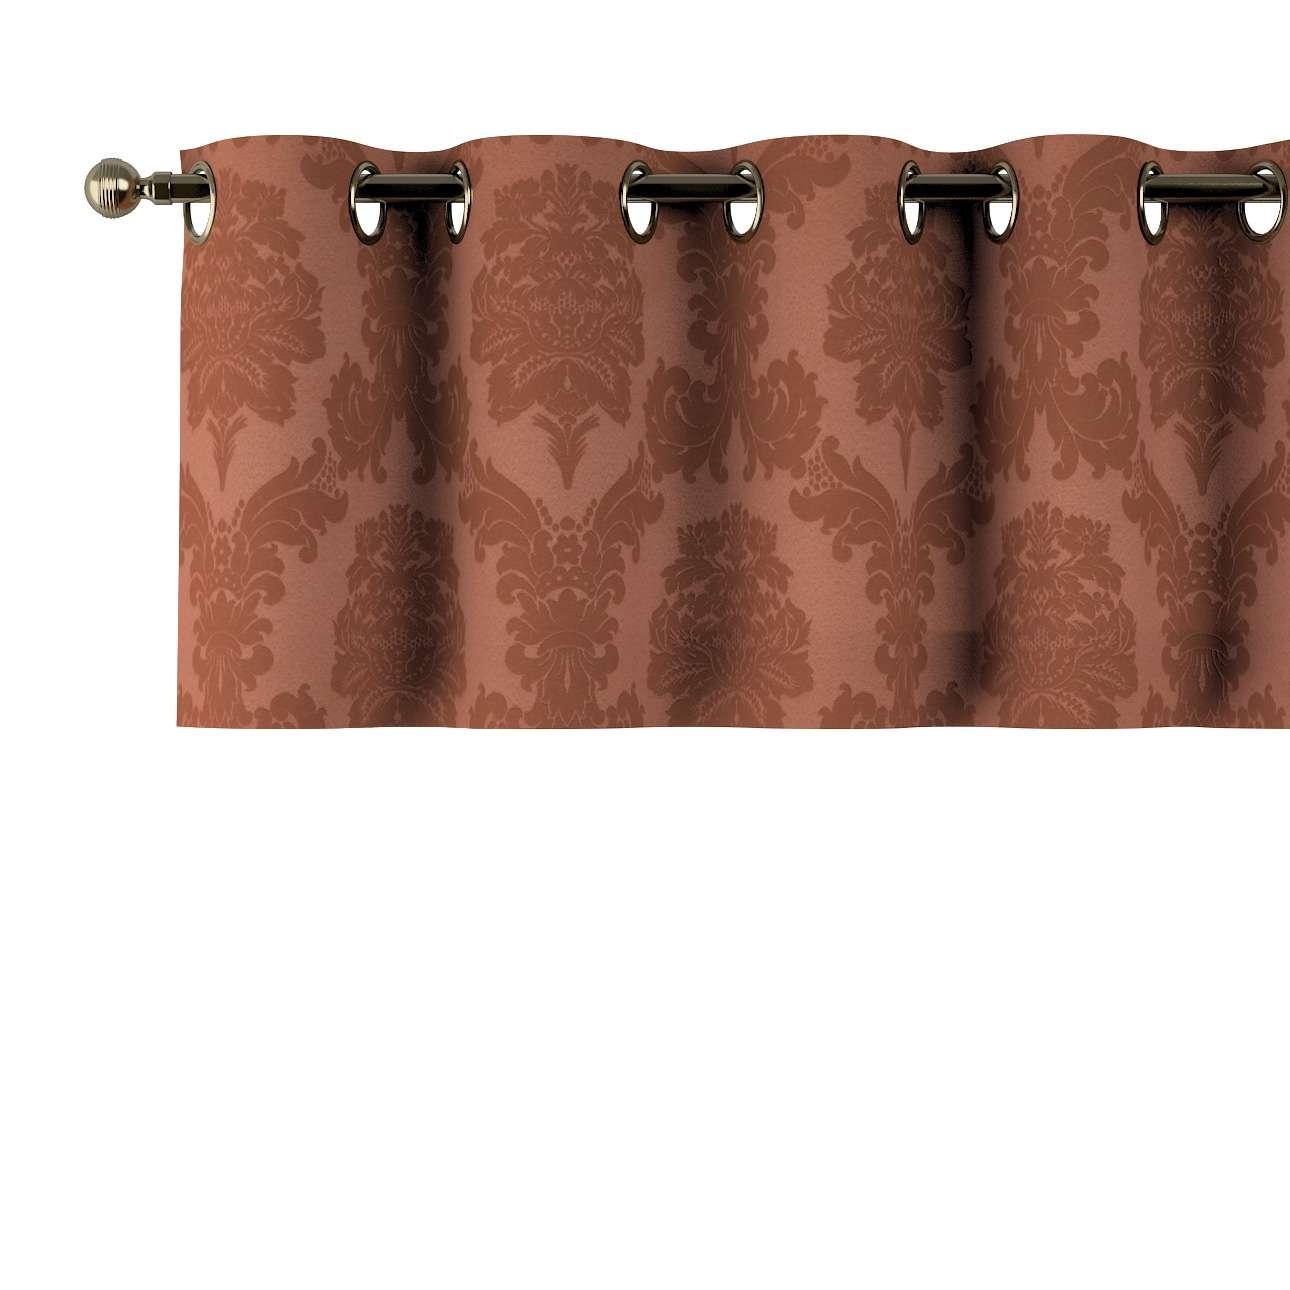 Kurzgardine mit Ösen 130x40cm von der Kollektion Damasco, Stoff: 613-88